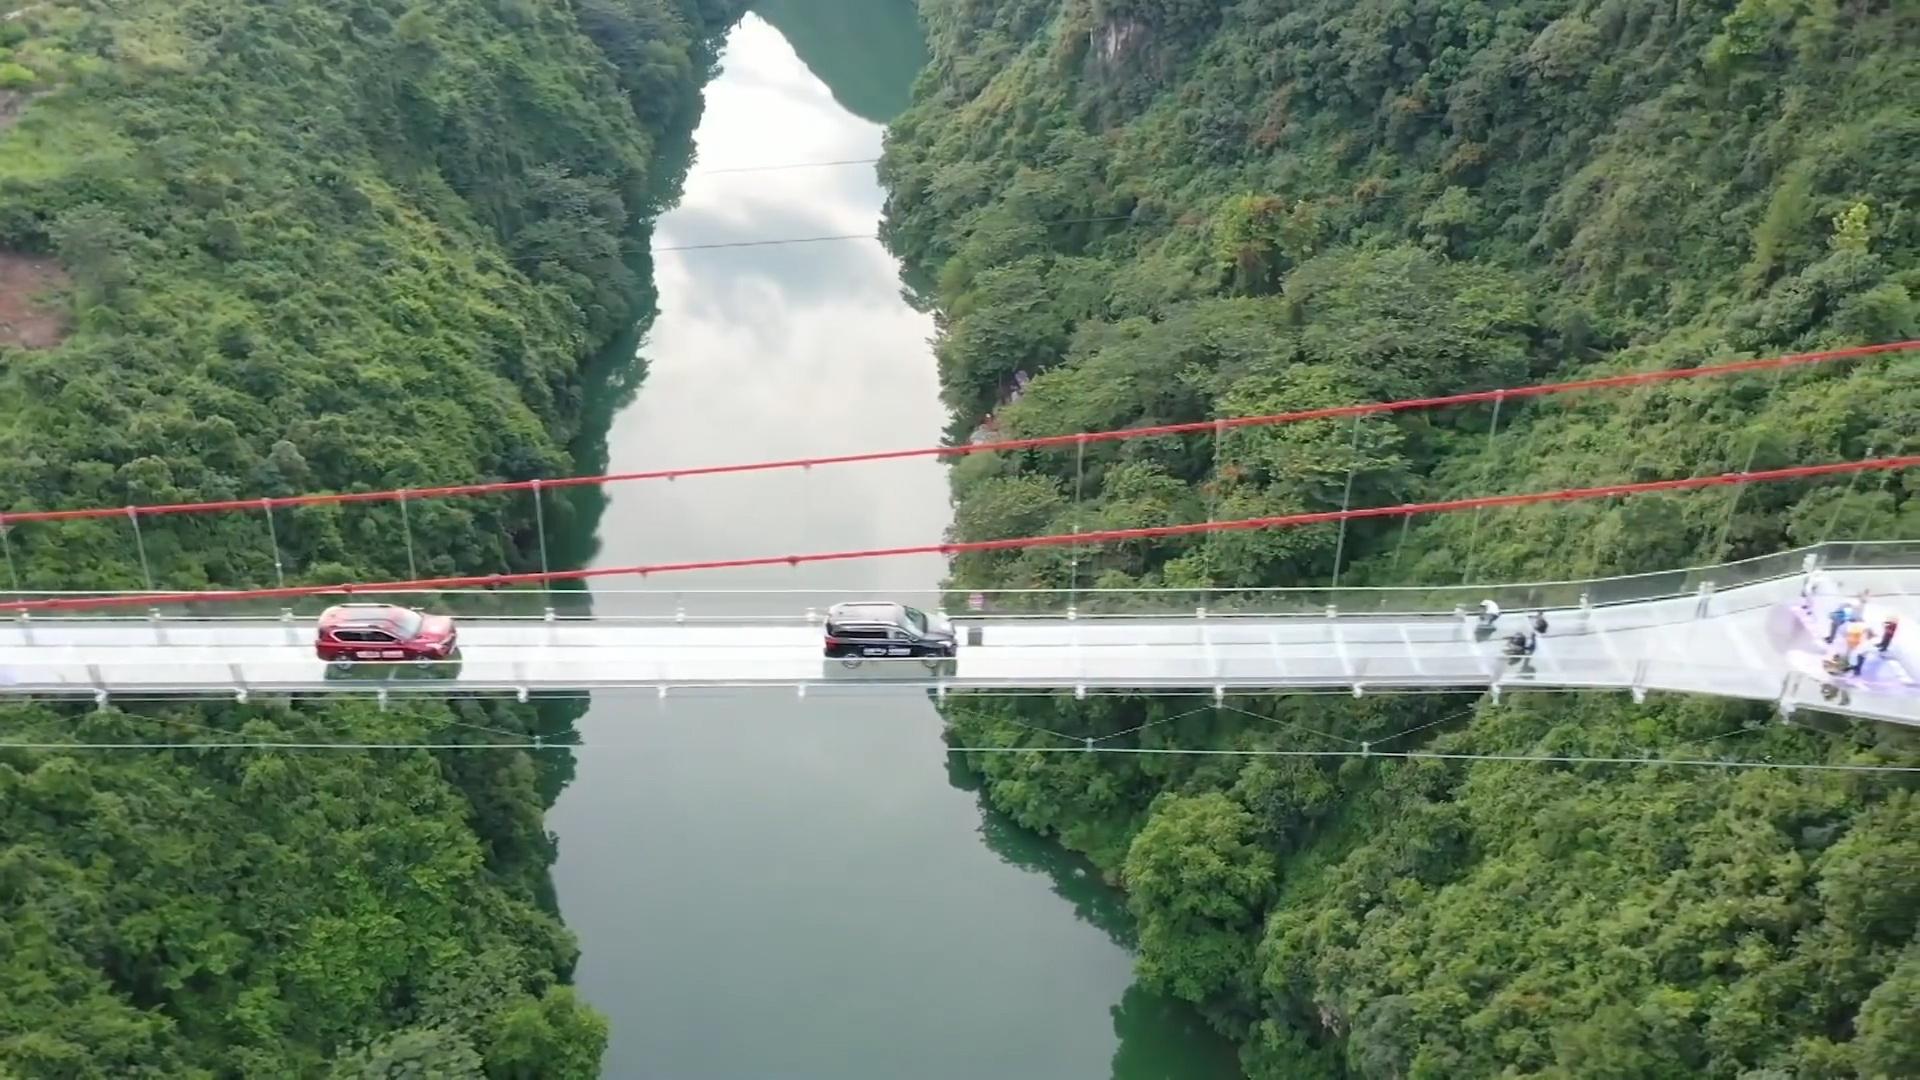 Đứng tim khi đi qua cây cầu kính dài 526 m tại Trung Quốc